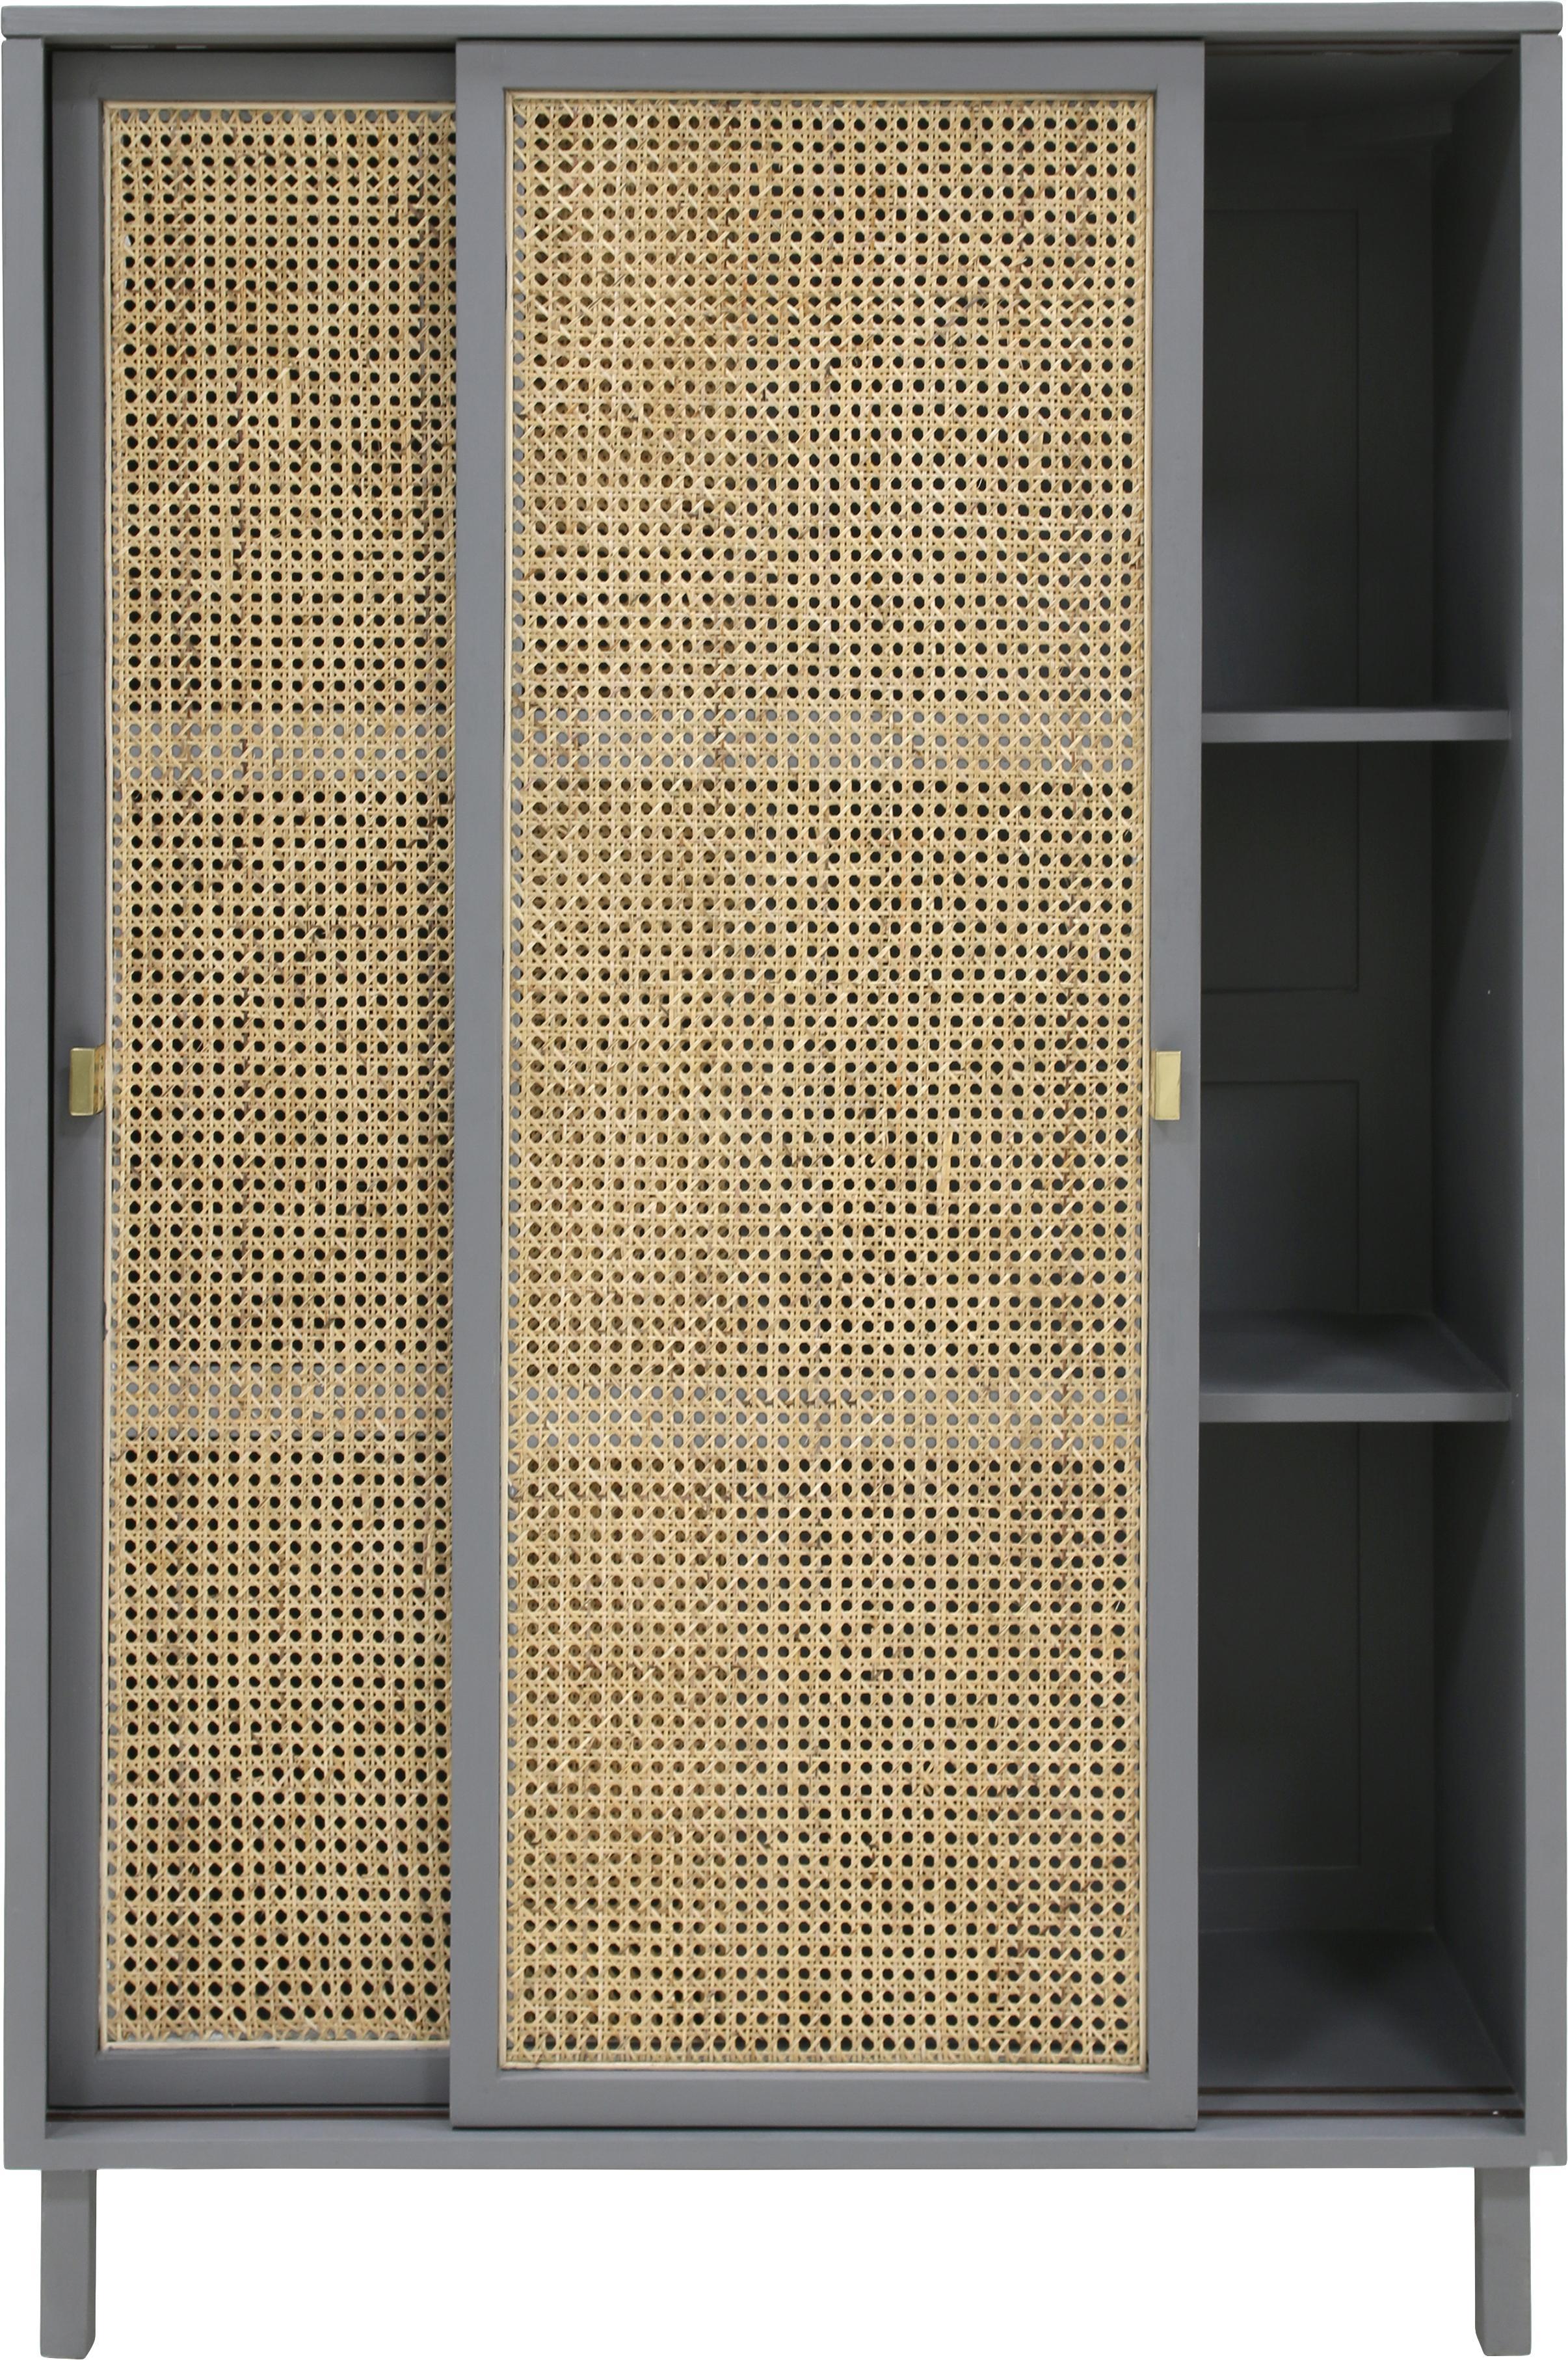 Schrank Retro mit Wiener Geflecht, Wiener Geflecht: Zuckerrohr, Griffe: Metall, beschichtet, Grau, Beige, 95 x 140 cm